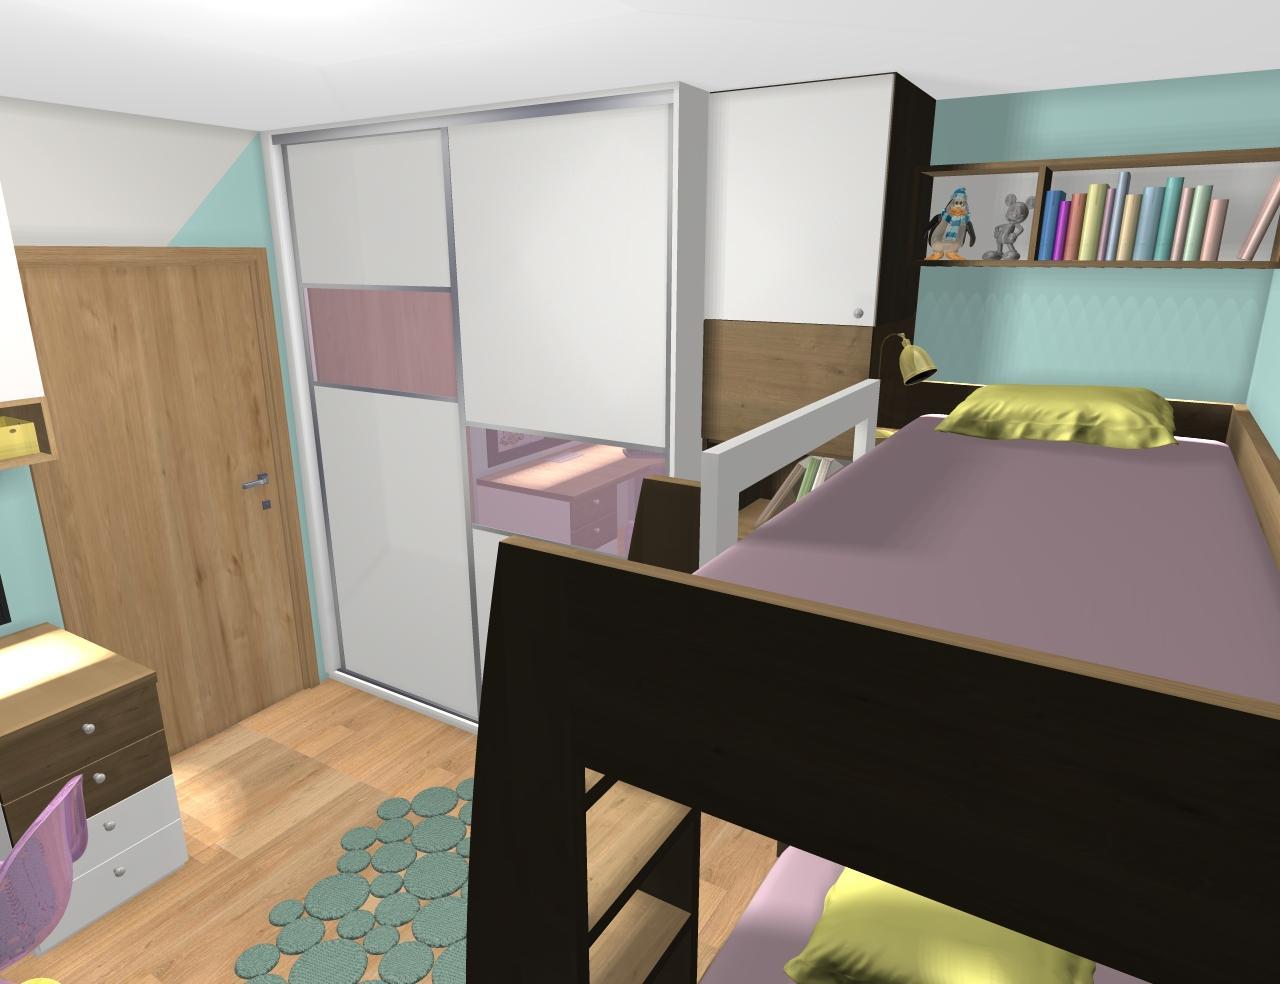 Grafické návrhy interiér 2019 - Grafický návrh detskej izby pre dve dievčatká - verzia 1 - obr.4